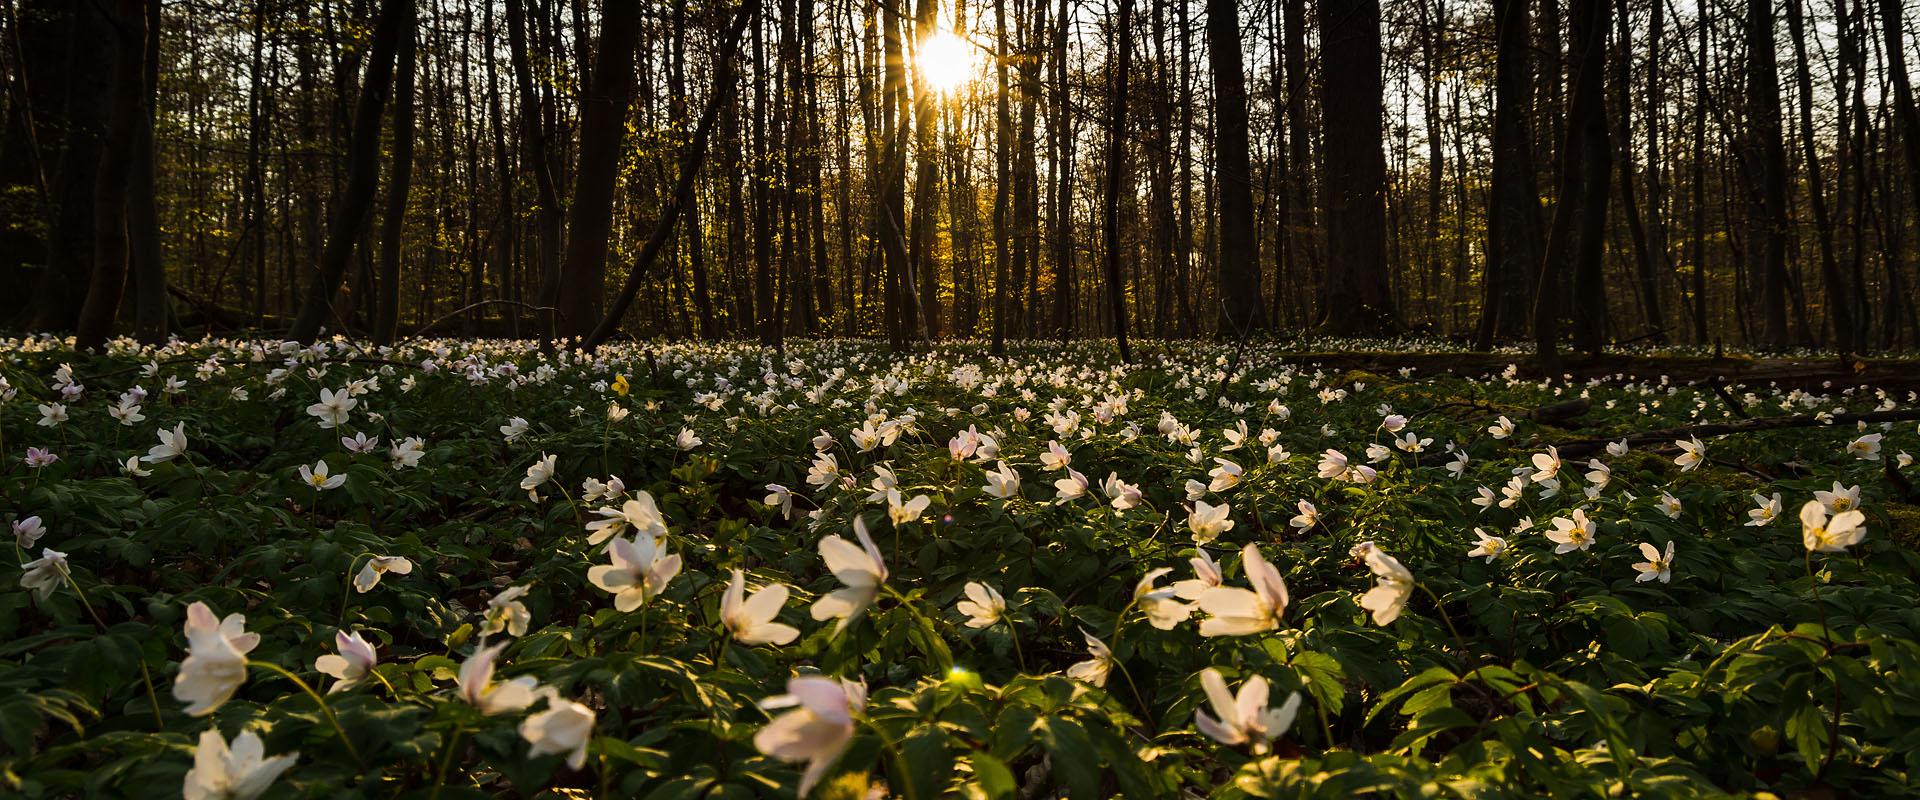 Sonnenuntergang über blühendem Waldboden, Buschwindröschen, Göttinger Wald